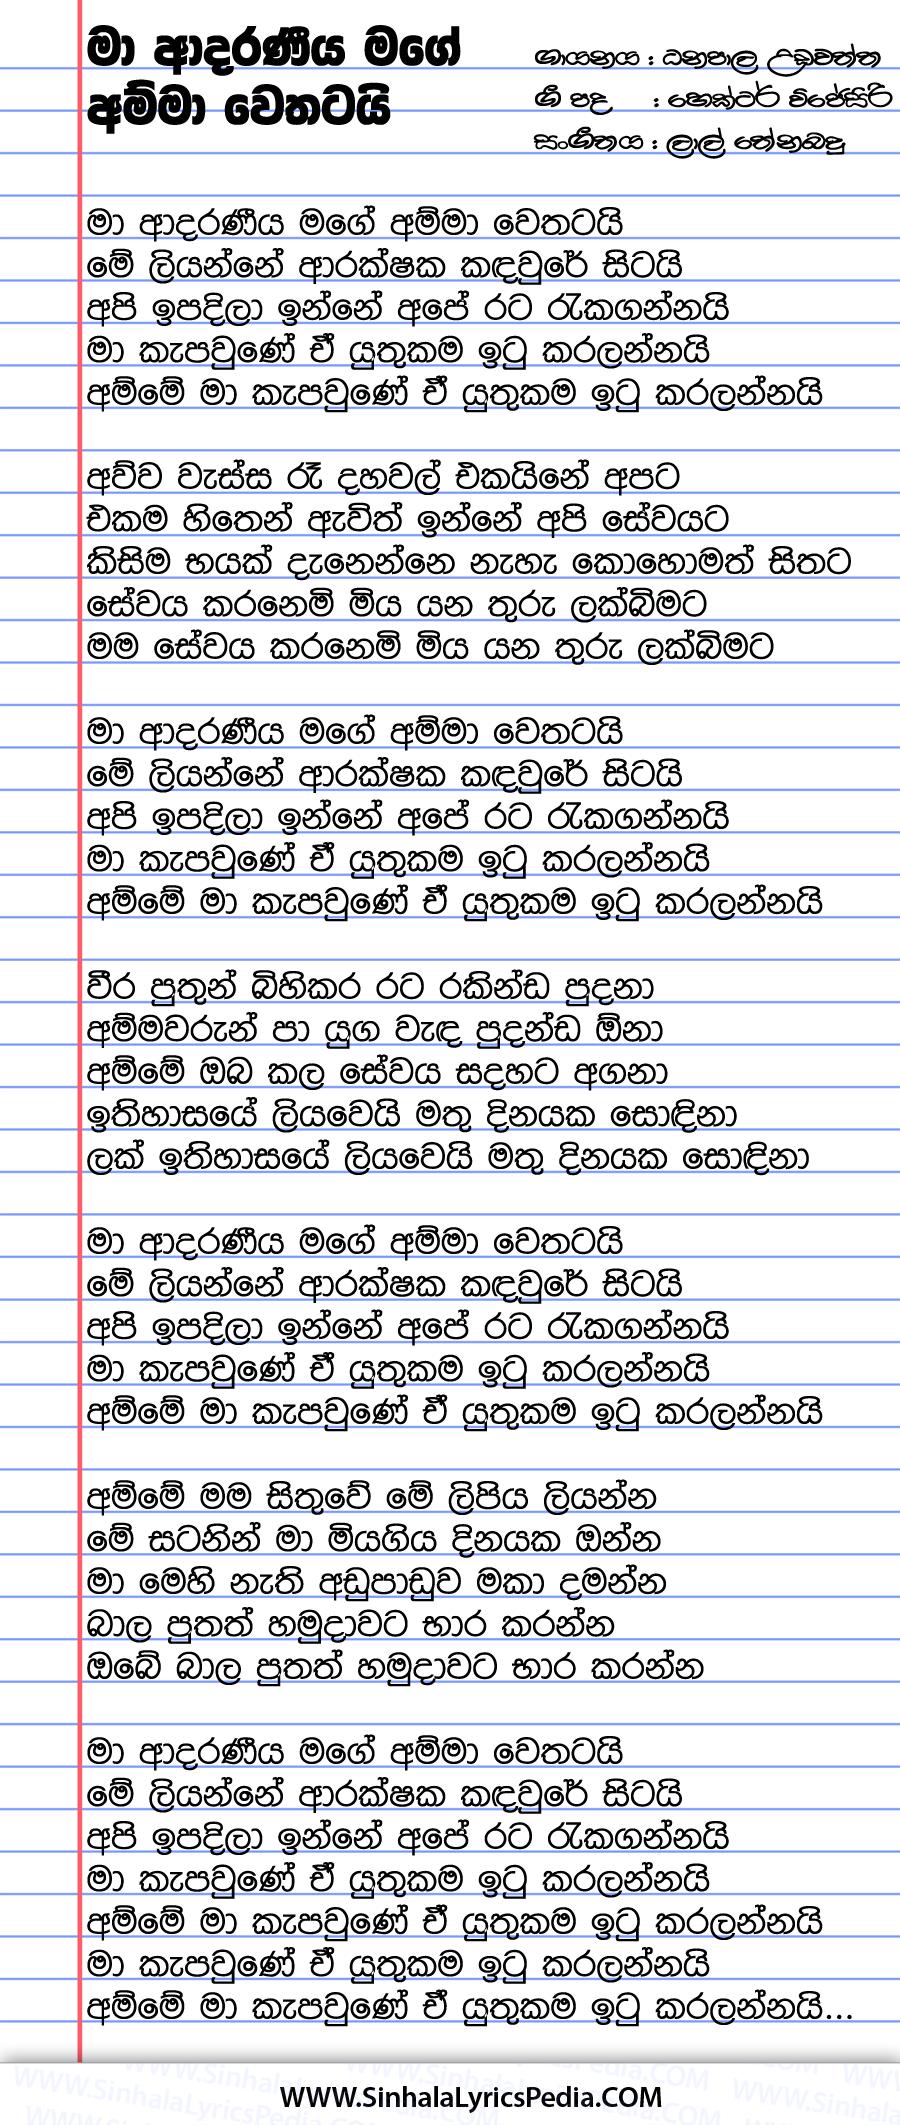 Ma Adaraneeya Mage Amma Wethatai Song Lyrics